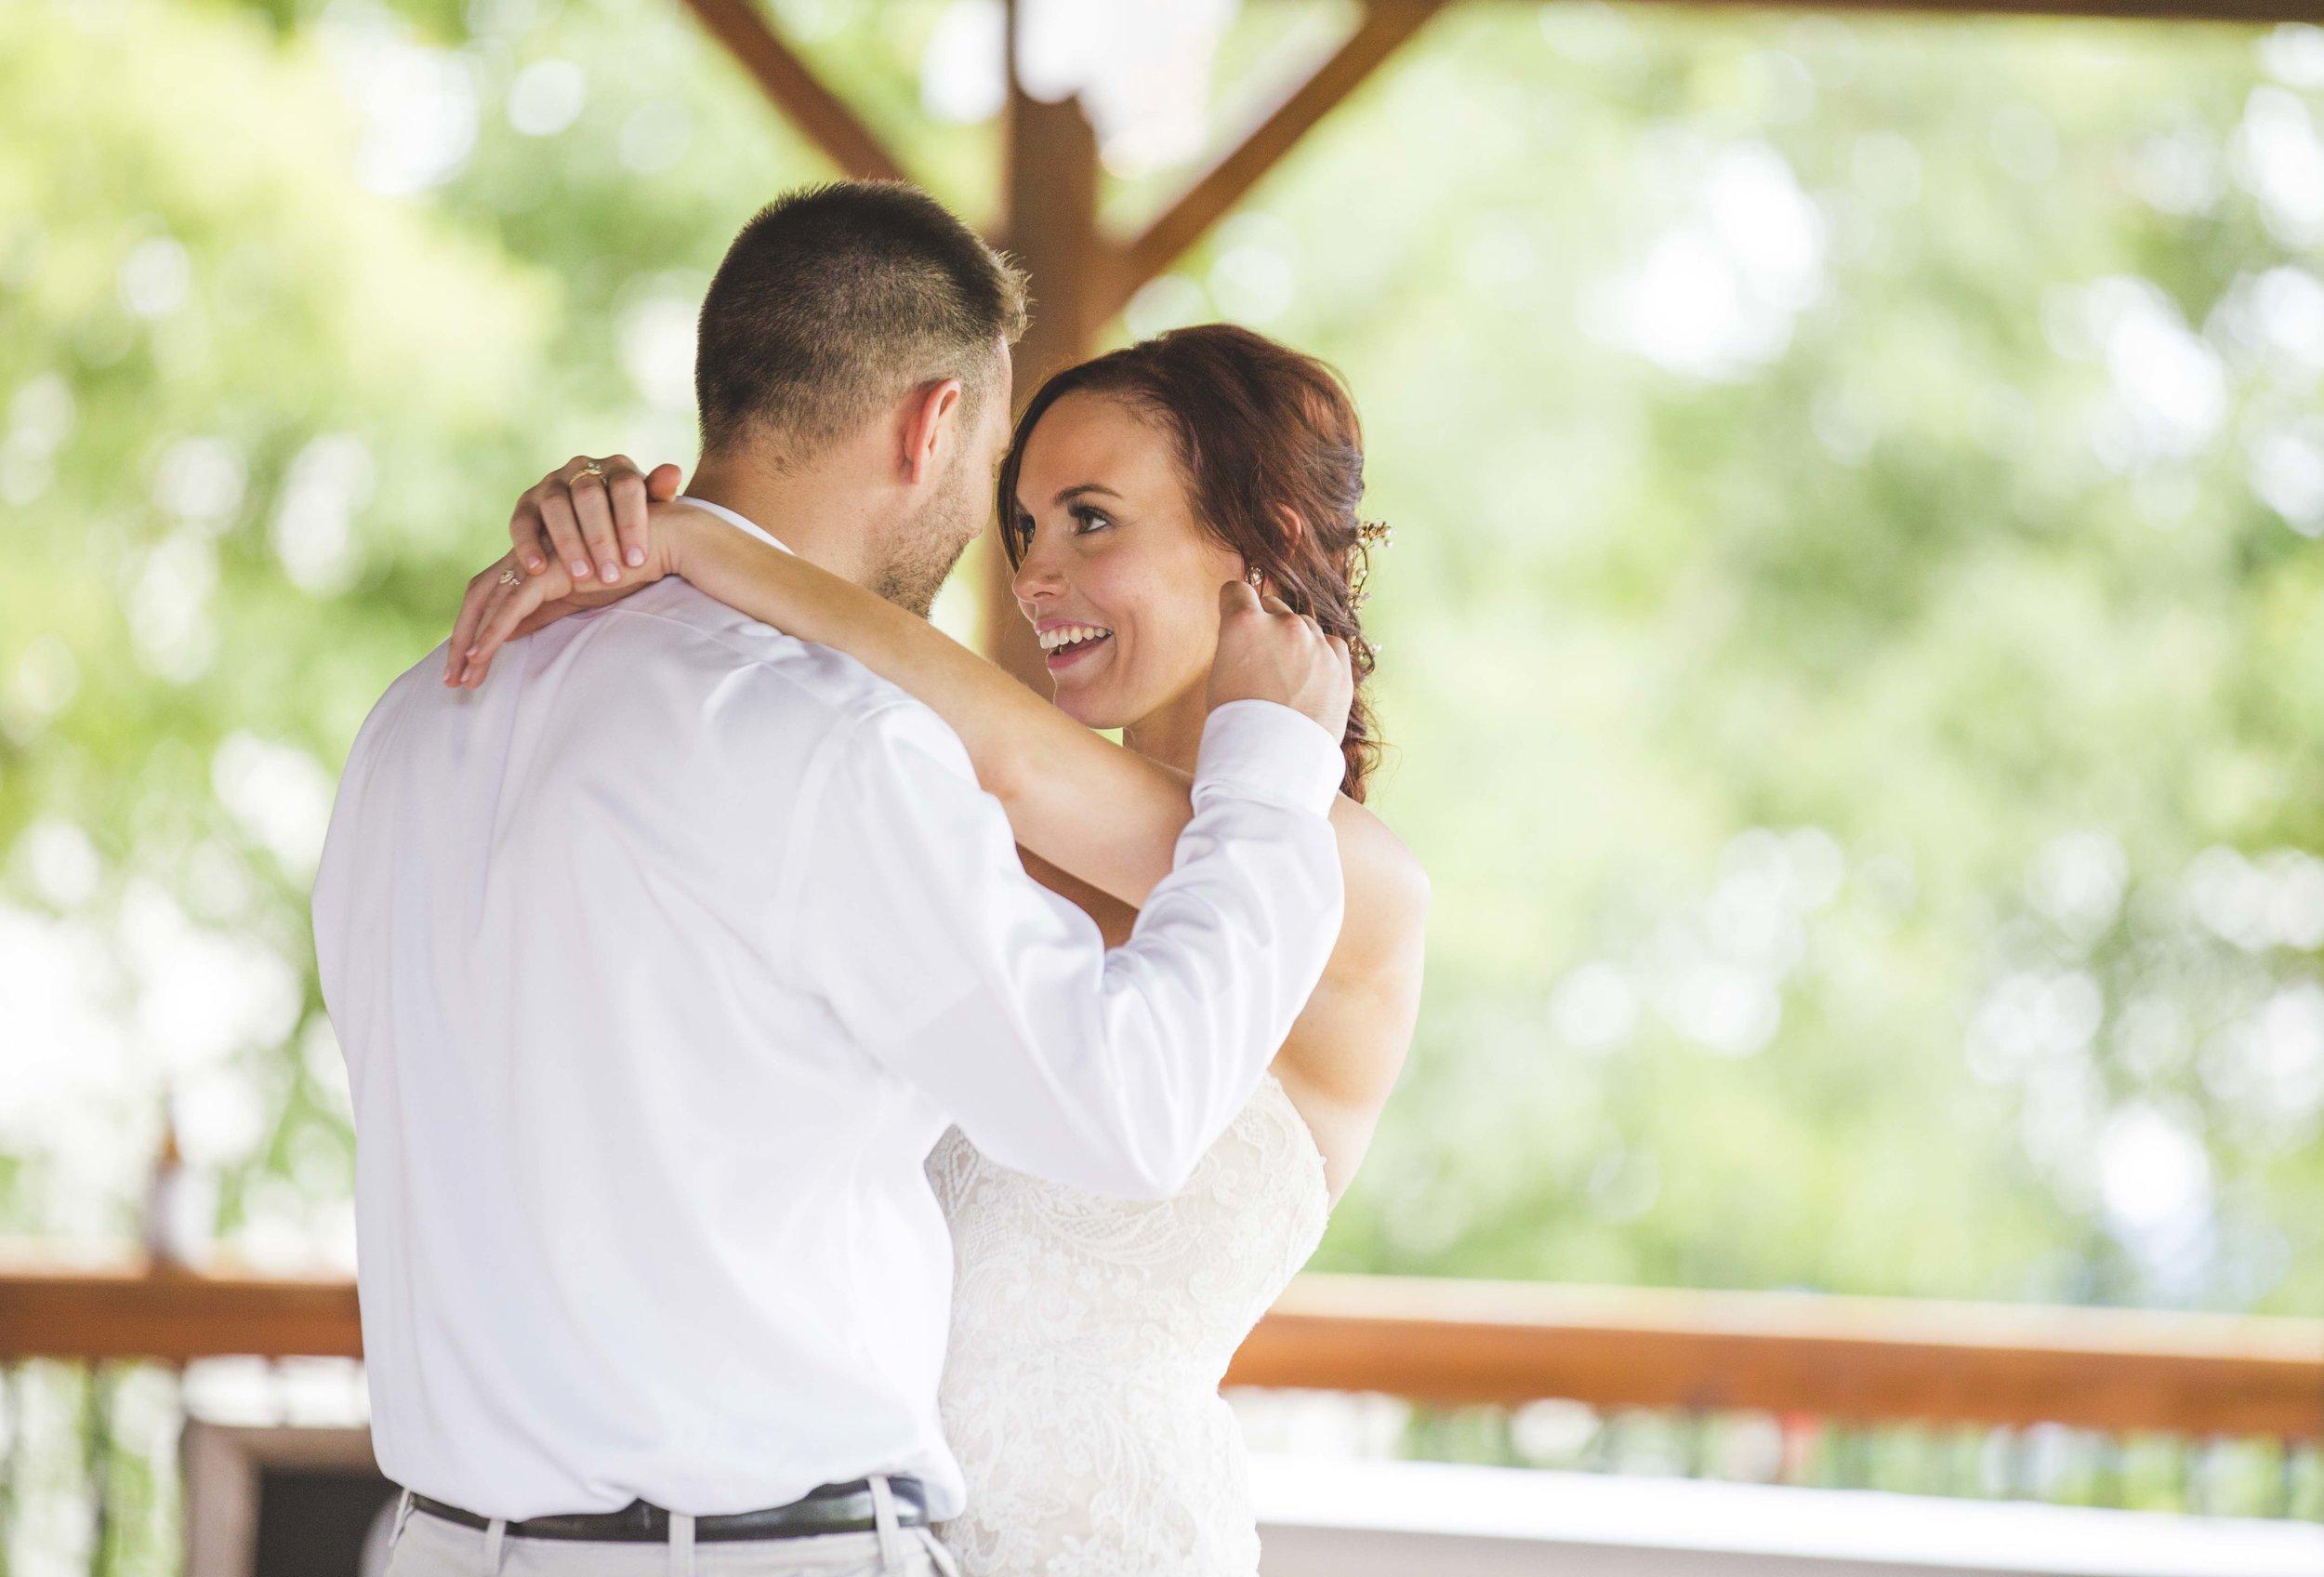 ATGI_Susanna & Matt Wedding_717A8484.jpg